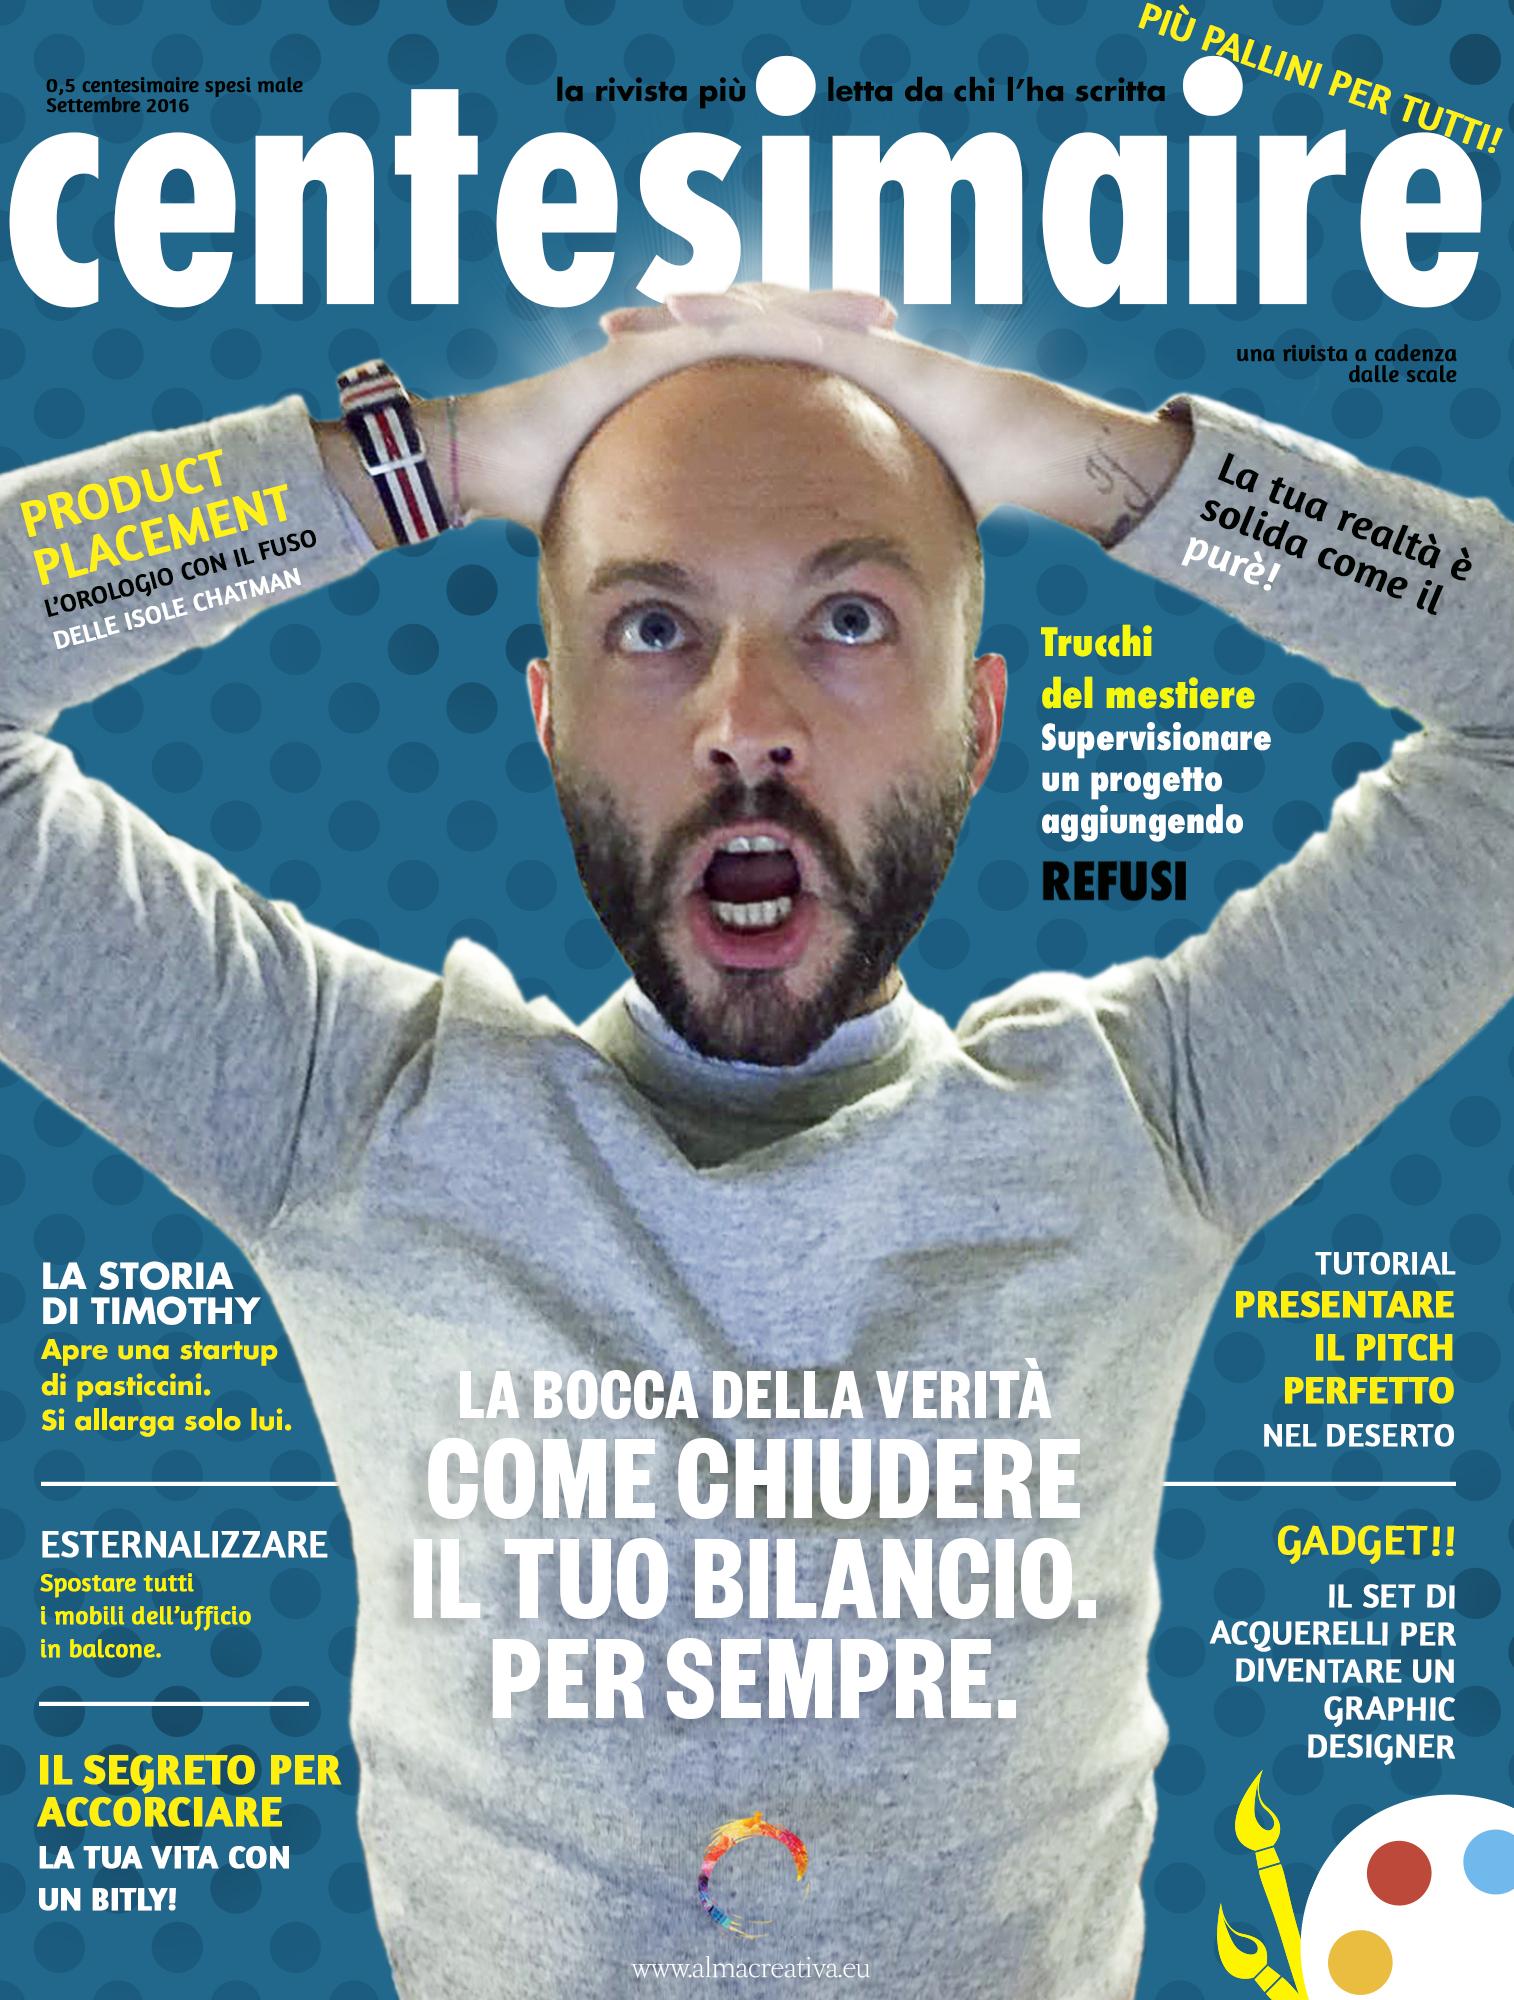 Centesimare – il numero di settembre 2016